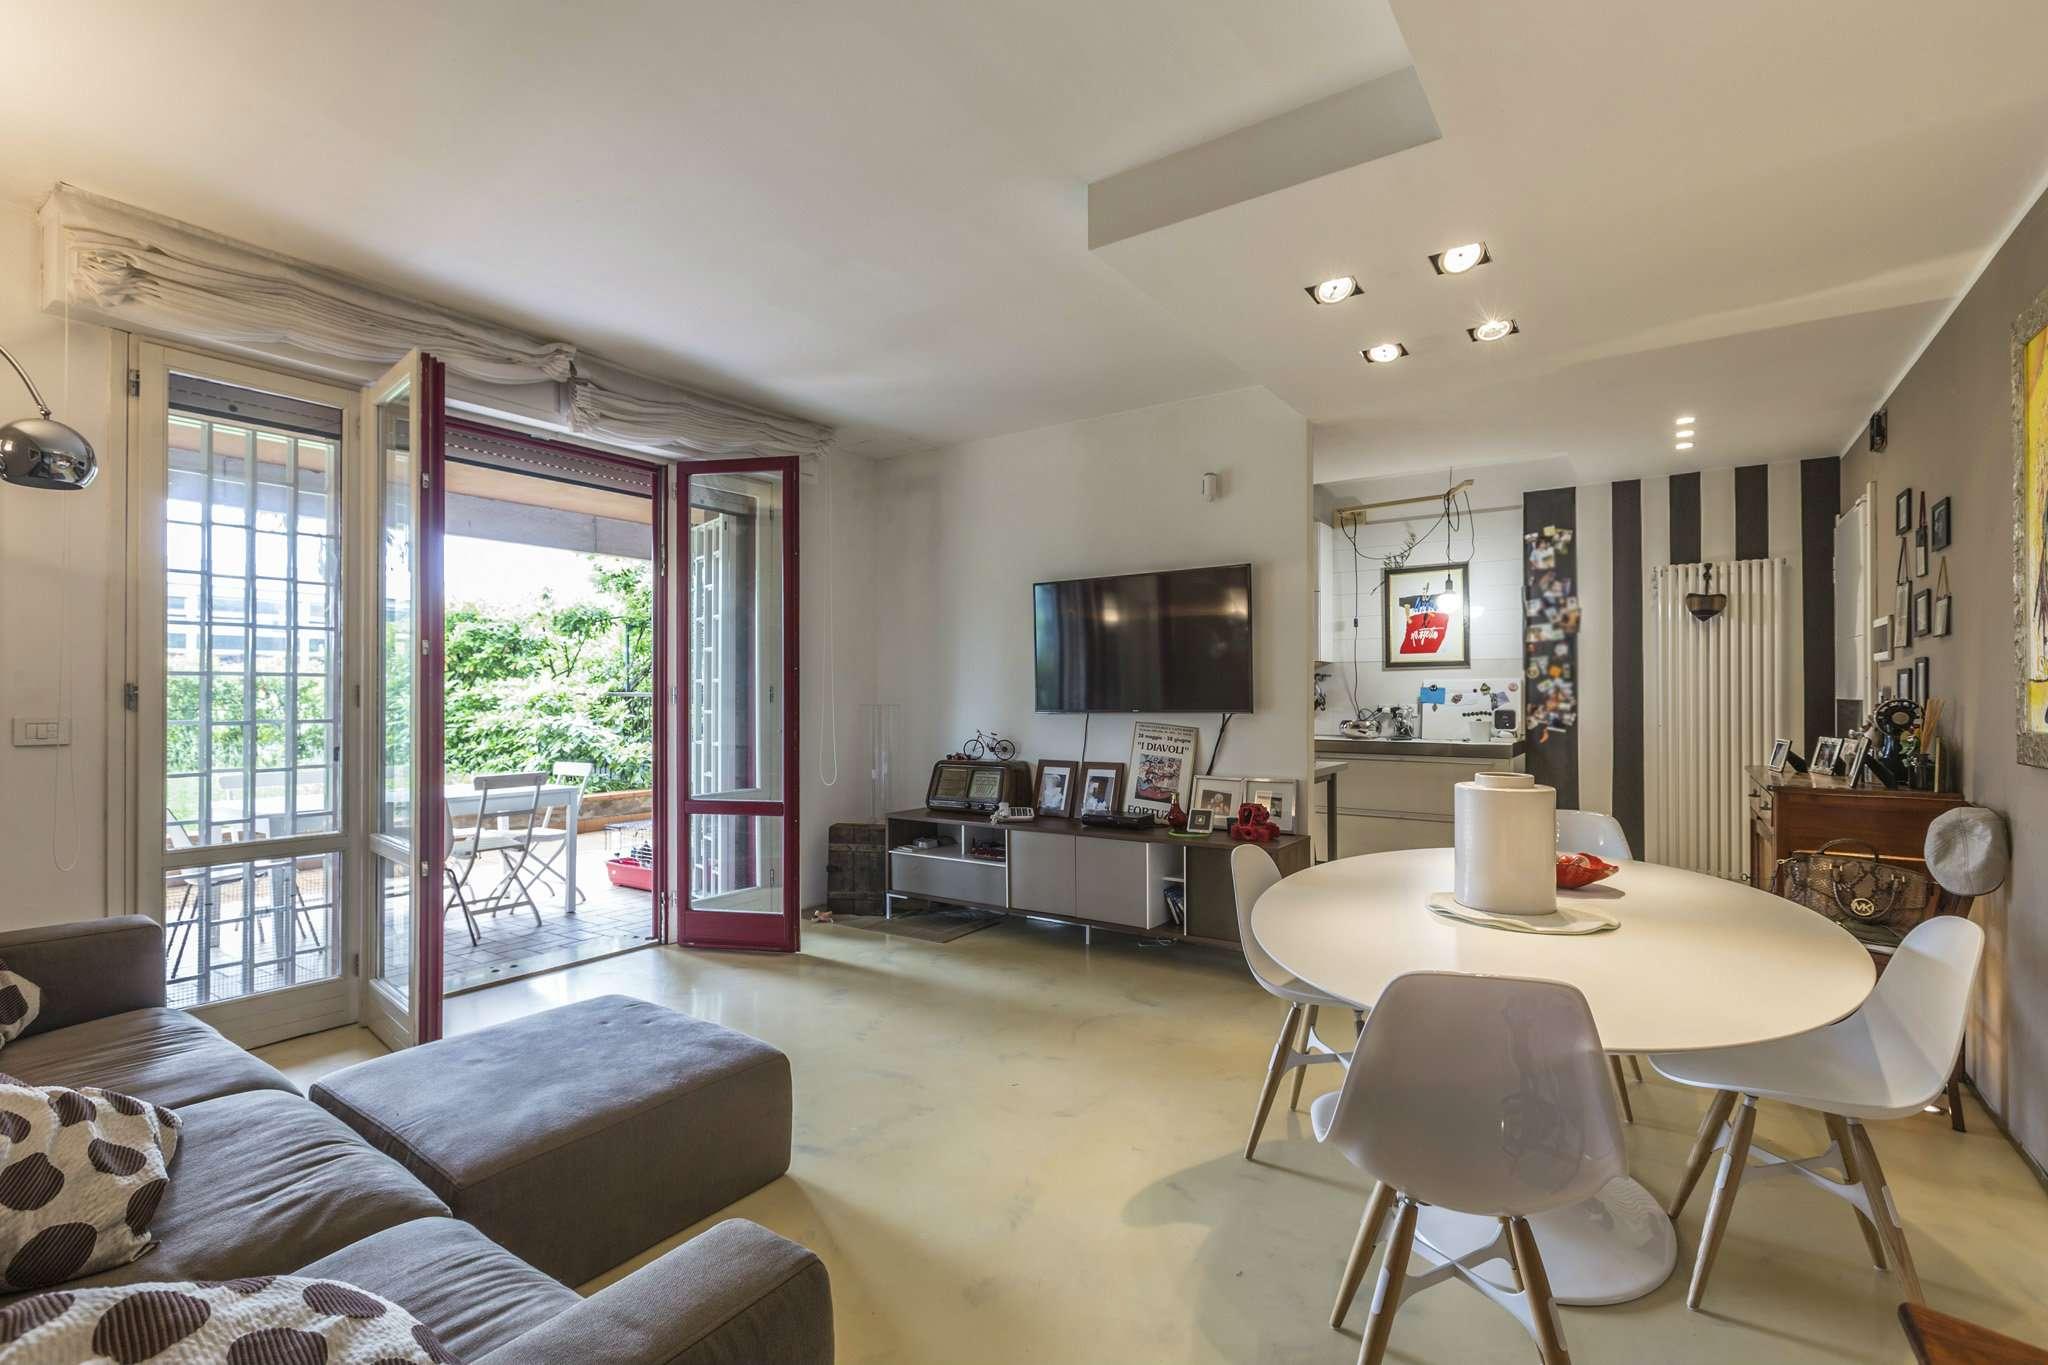 Mw agenzia immobiliare a zola predosa appartamento for Case in vendita zola predosa